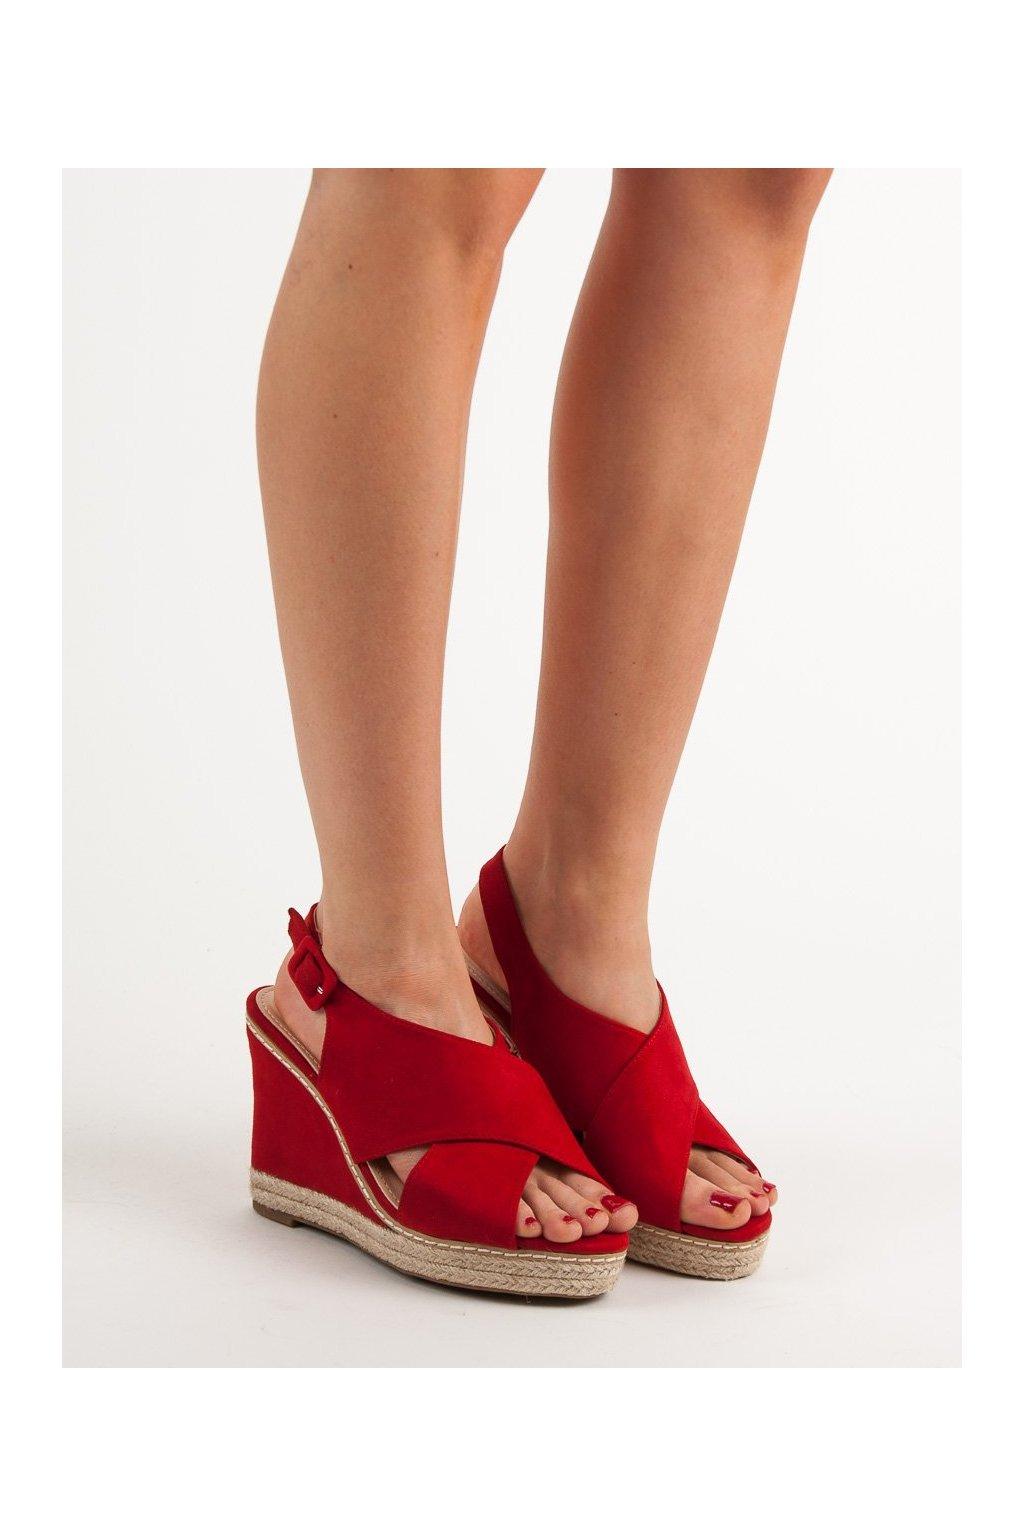 Červené sandále na platforme Anesia paris kod 66-368R